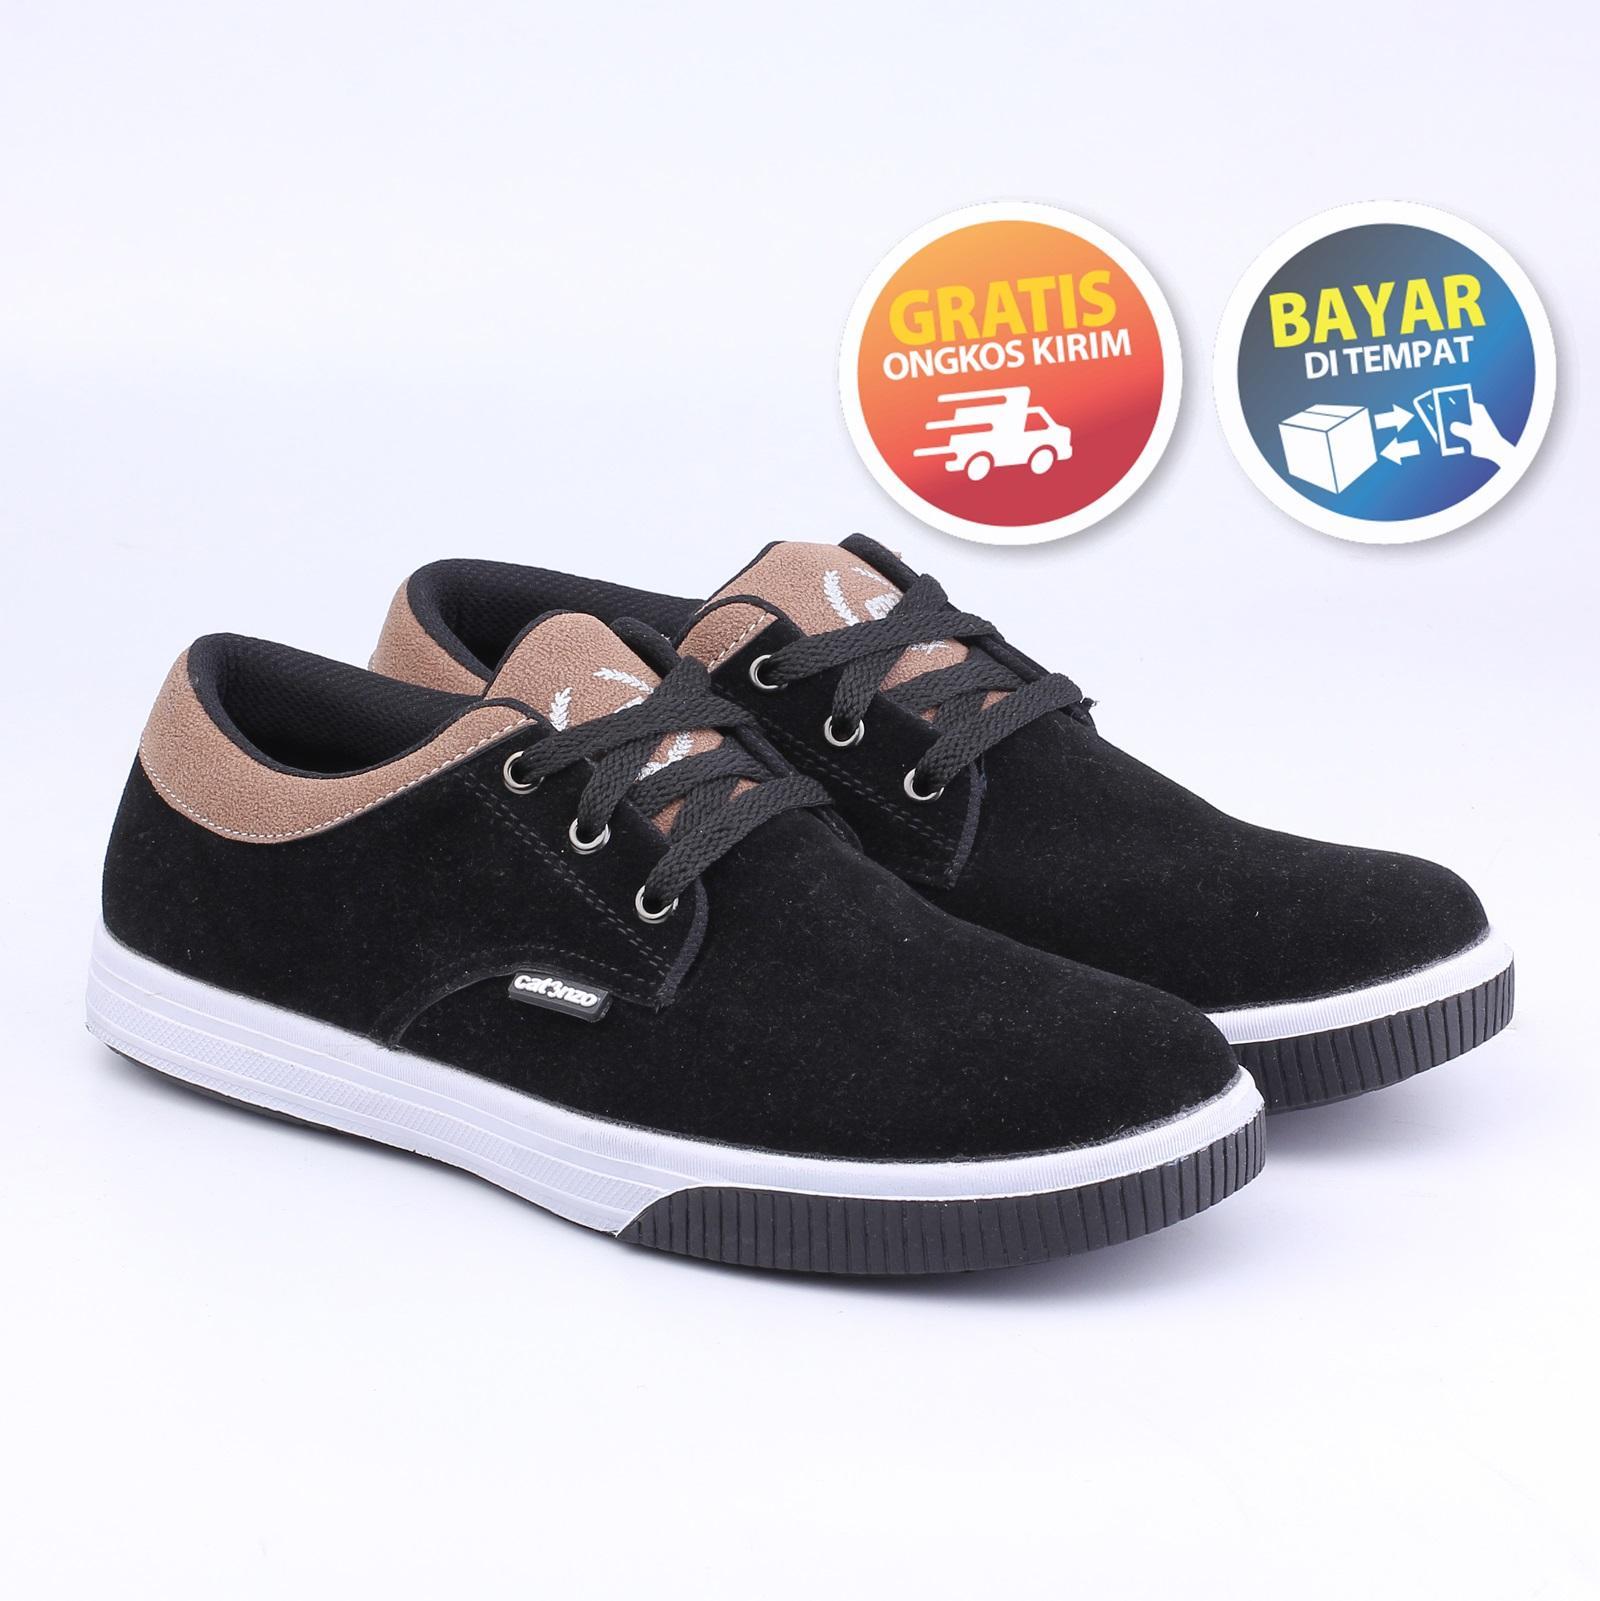 Catenzo - Sepatu Sneakers Pria - Size 38-43 - Sepatu Specta Berkualitas dan  Termurah c4e1cf191c